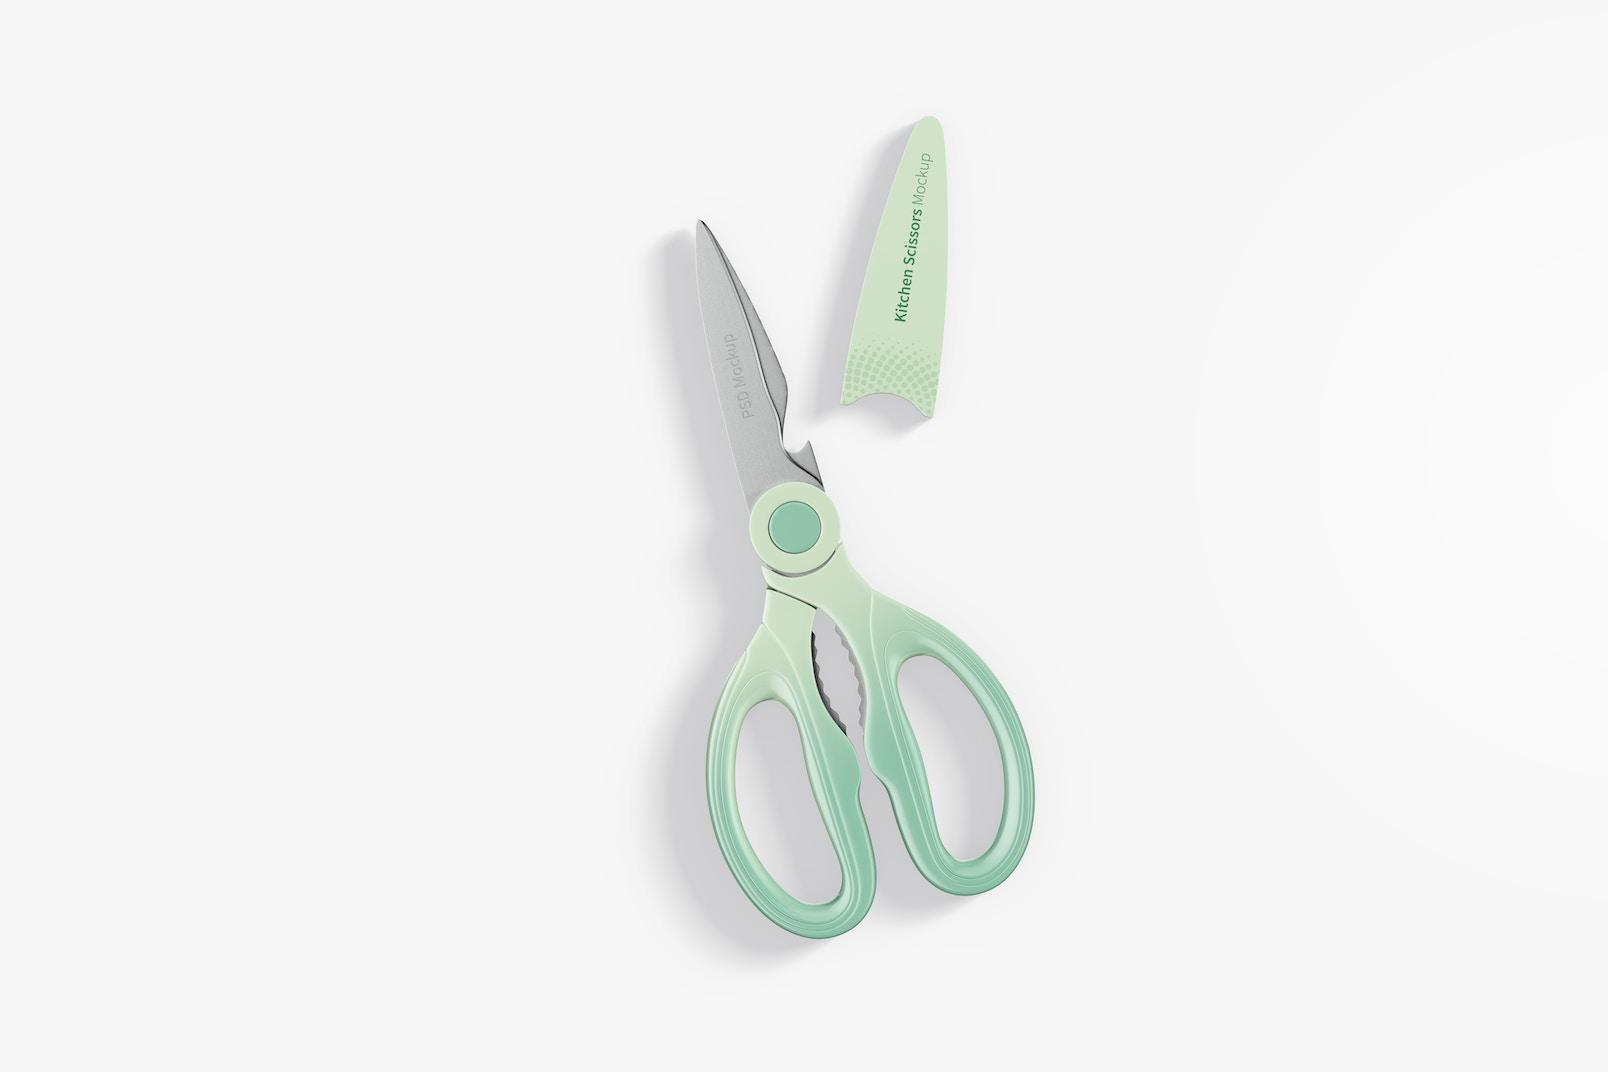 Kitchen Scissors Mockup